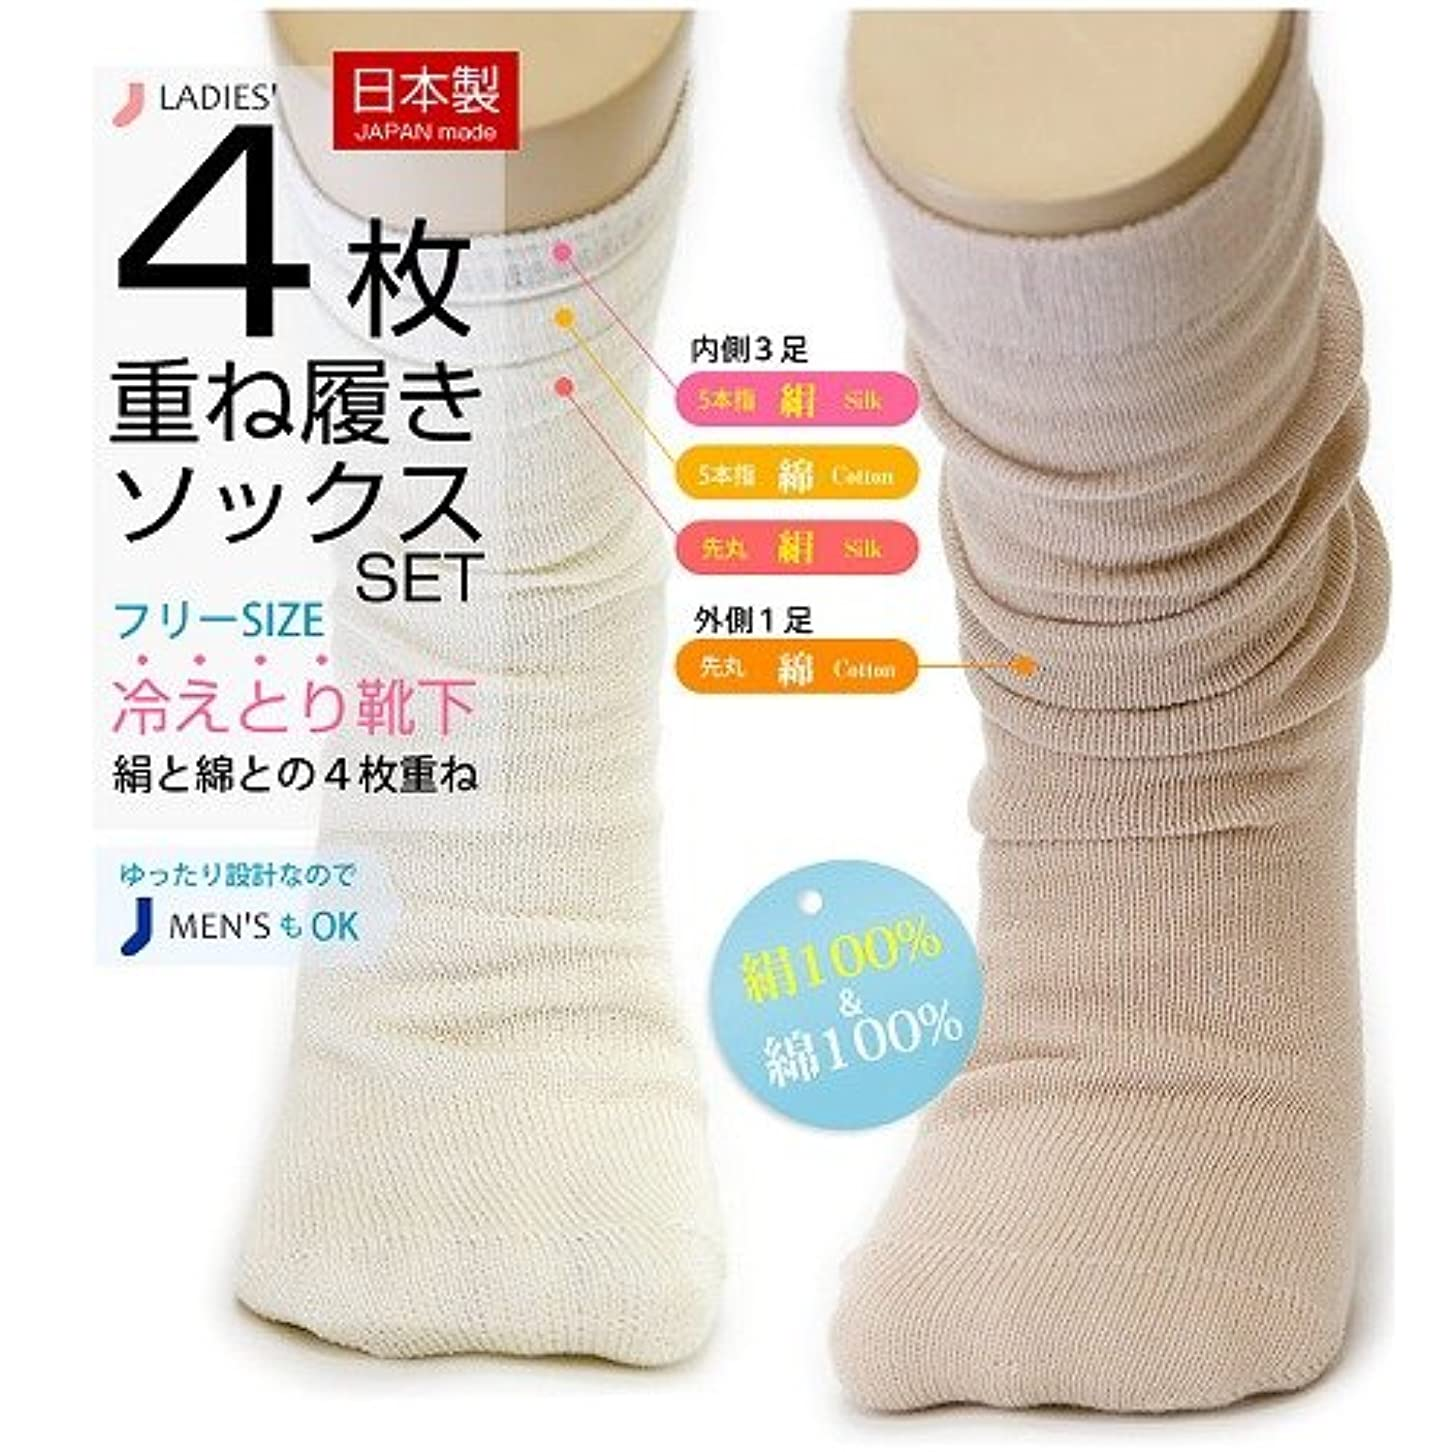 父方の洞察力のある不明瞭冷え取り靴下 綿100%とシルク100% 最高級の日本製 4枚重ねばきセット(外側チャコール)